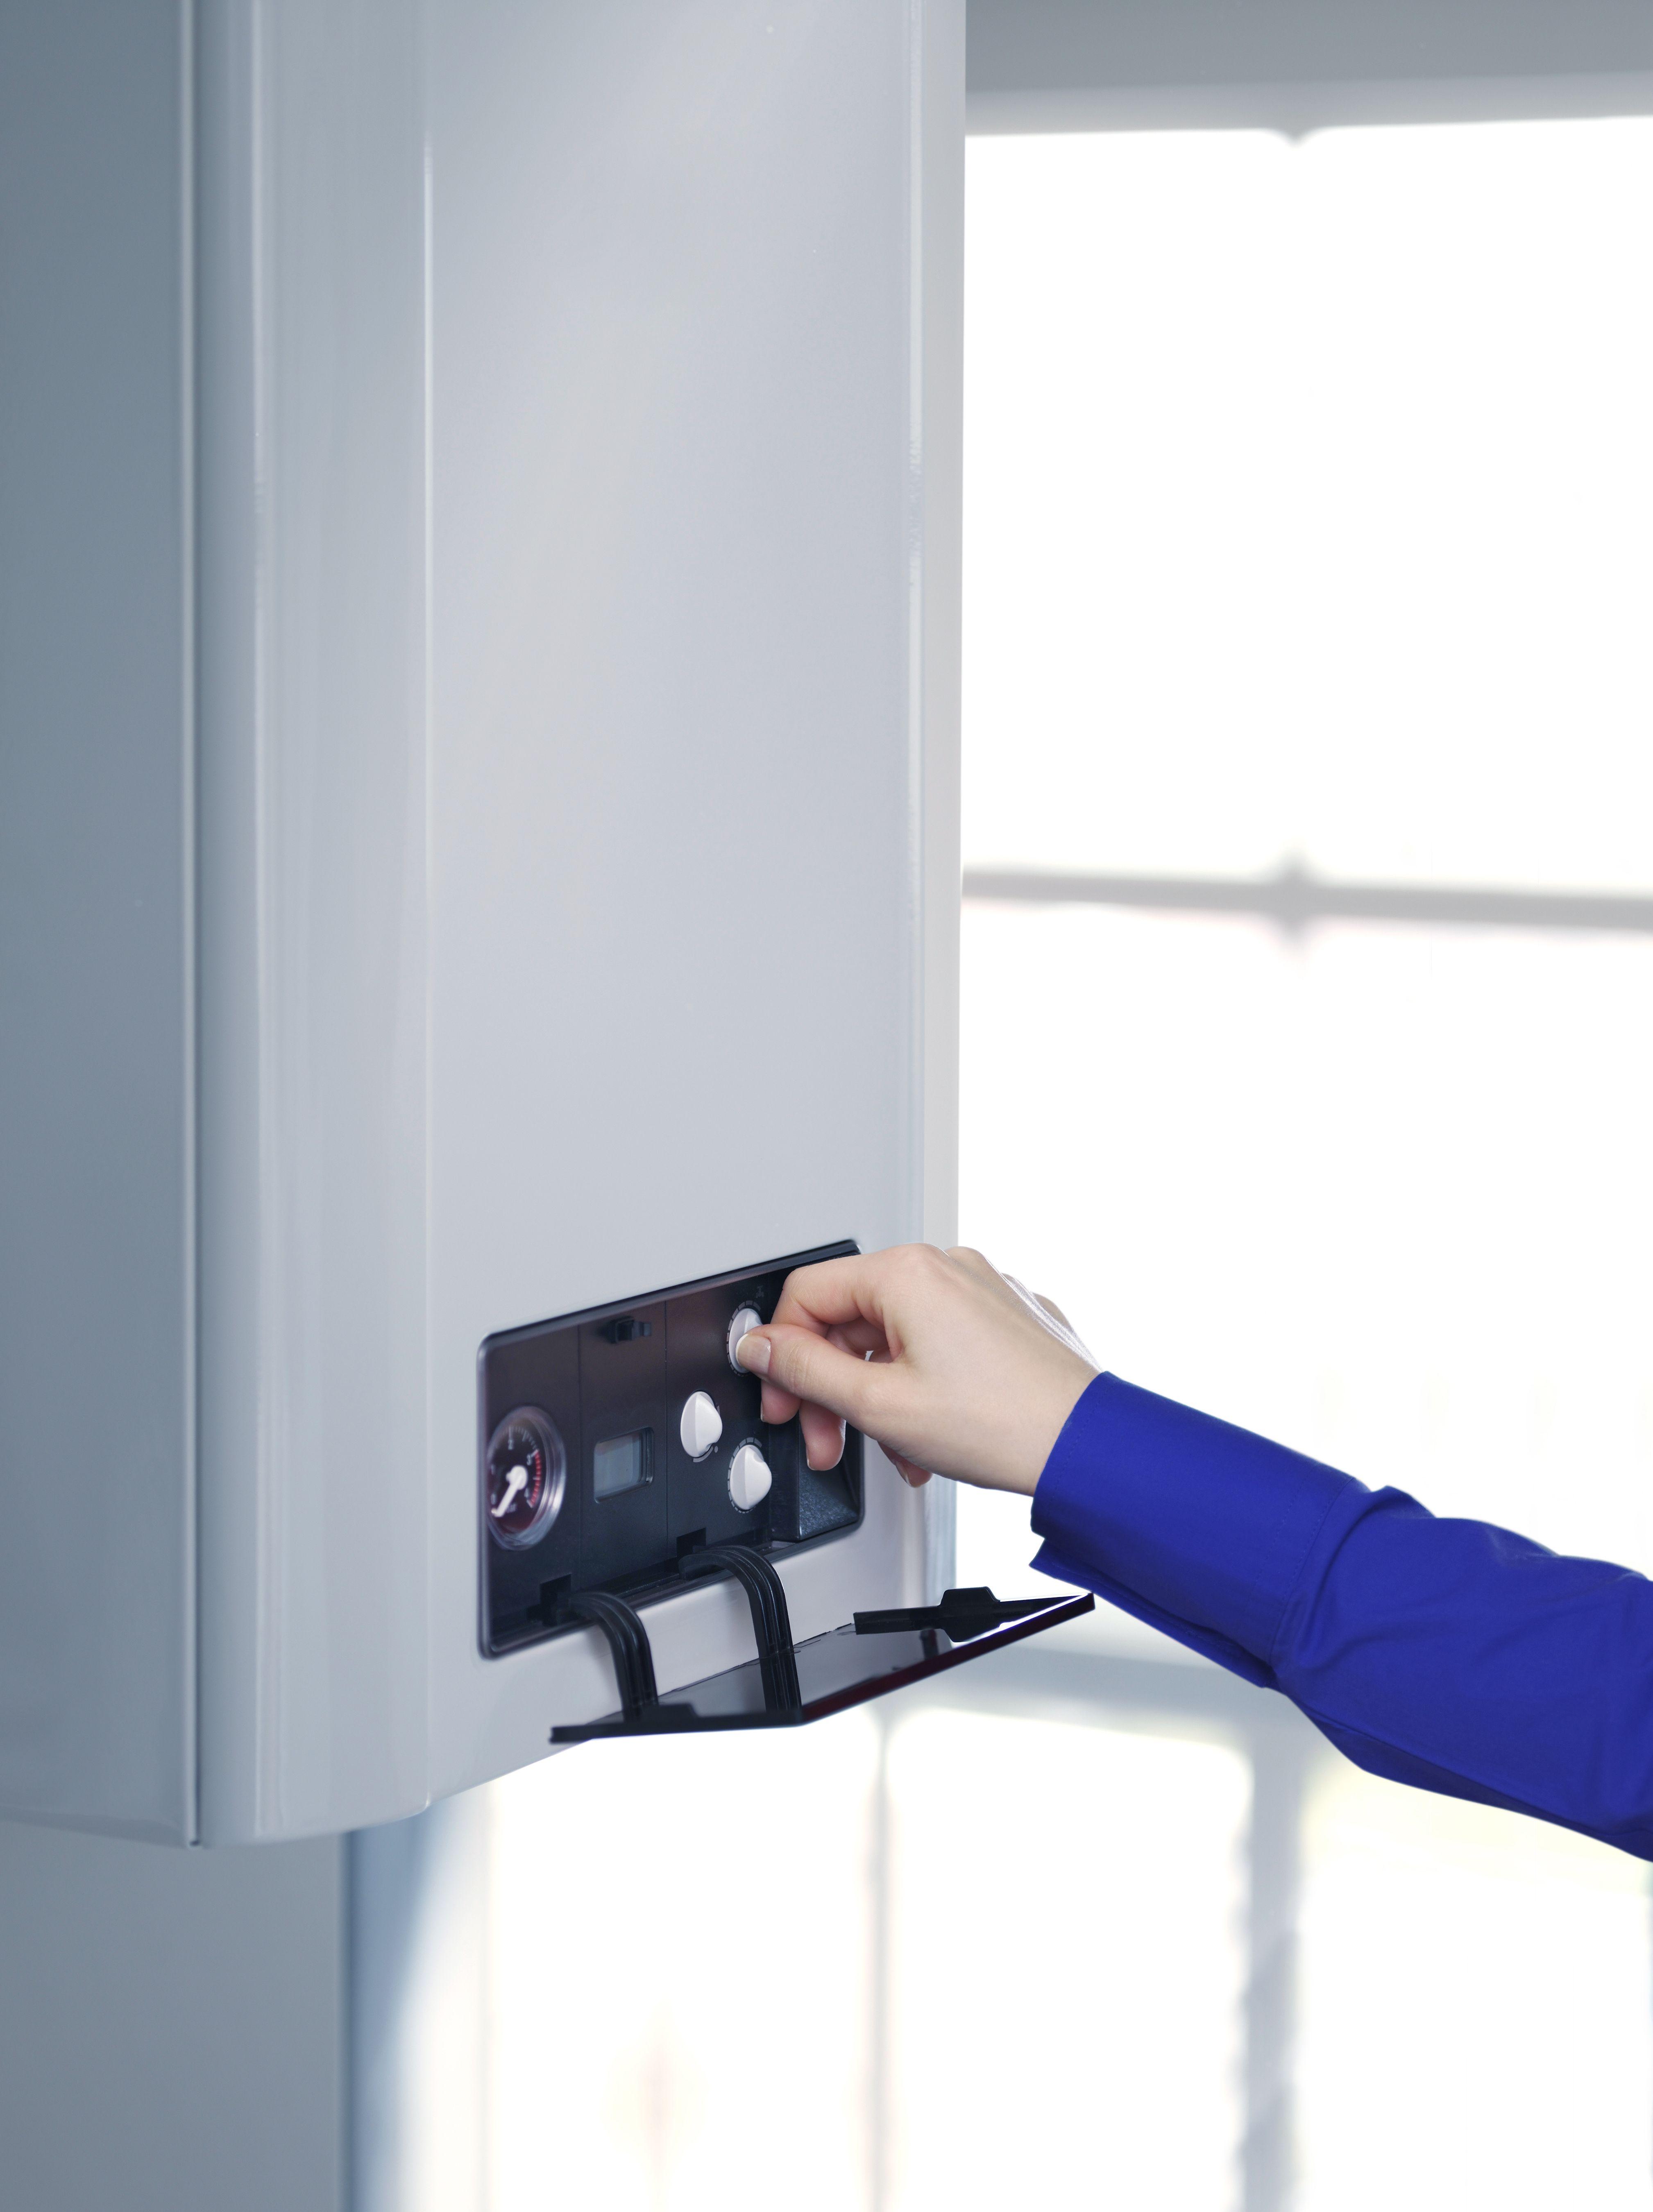 Servicio técnico de electrodomésticos en Madrid Centro